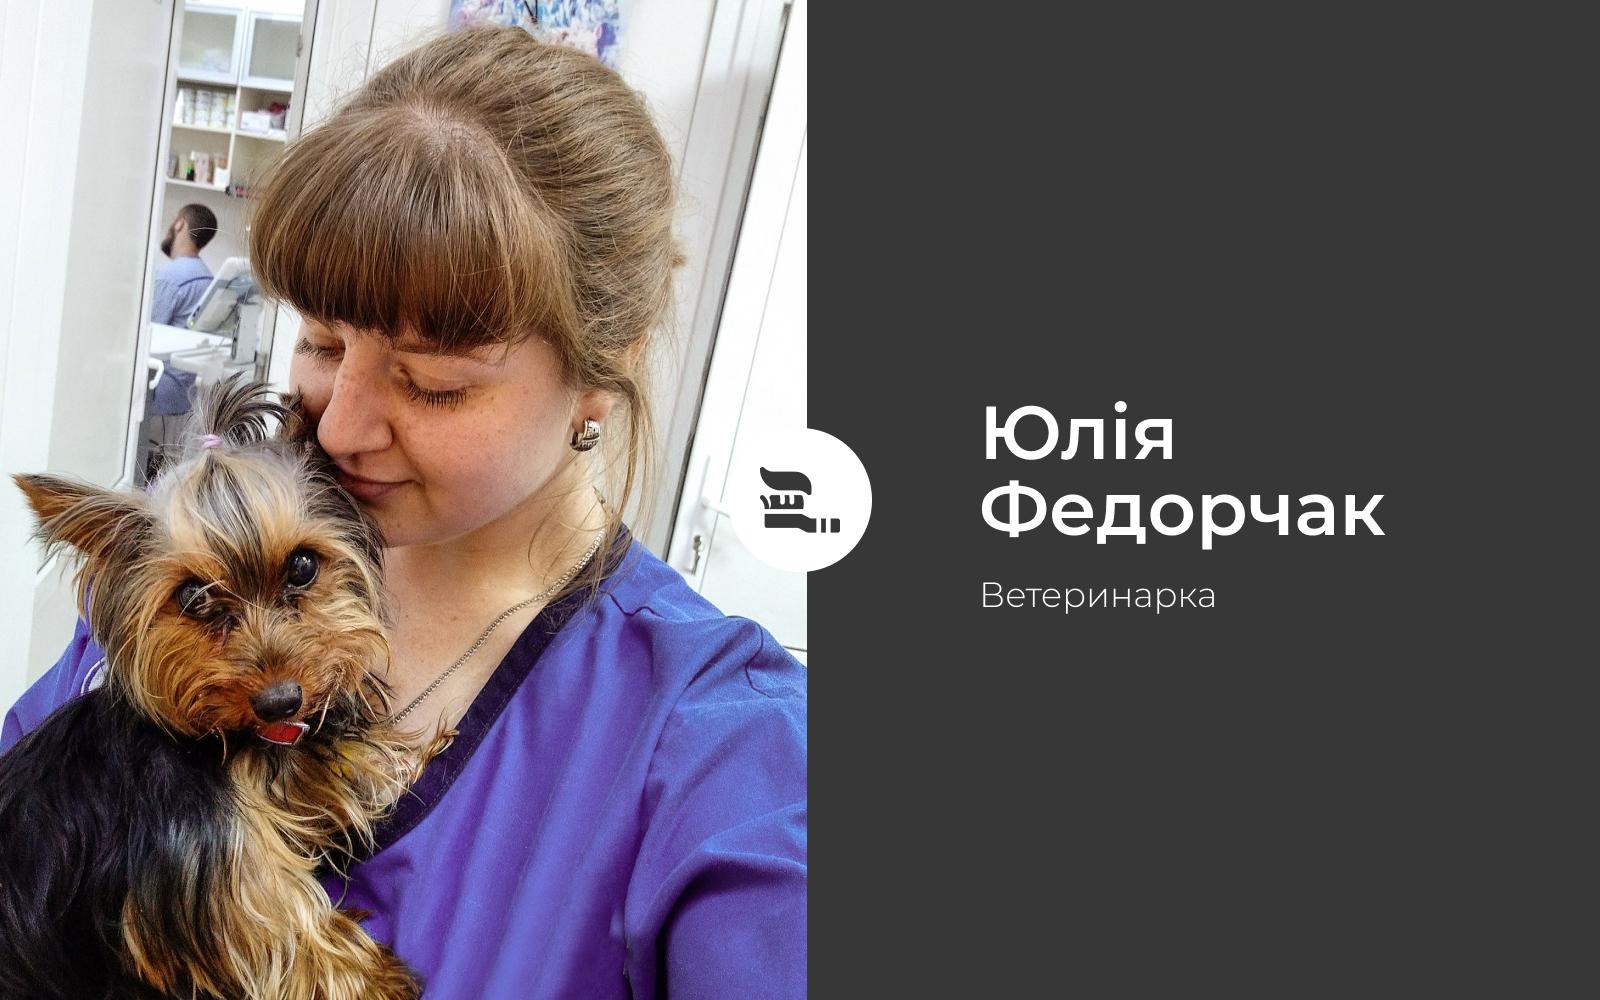 Yuliya Fedorchak 1